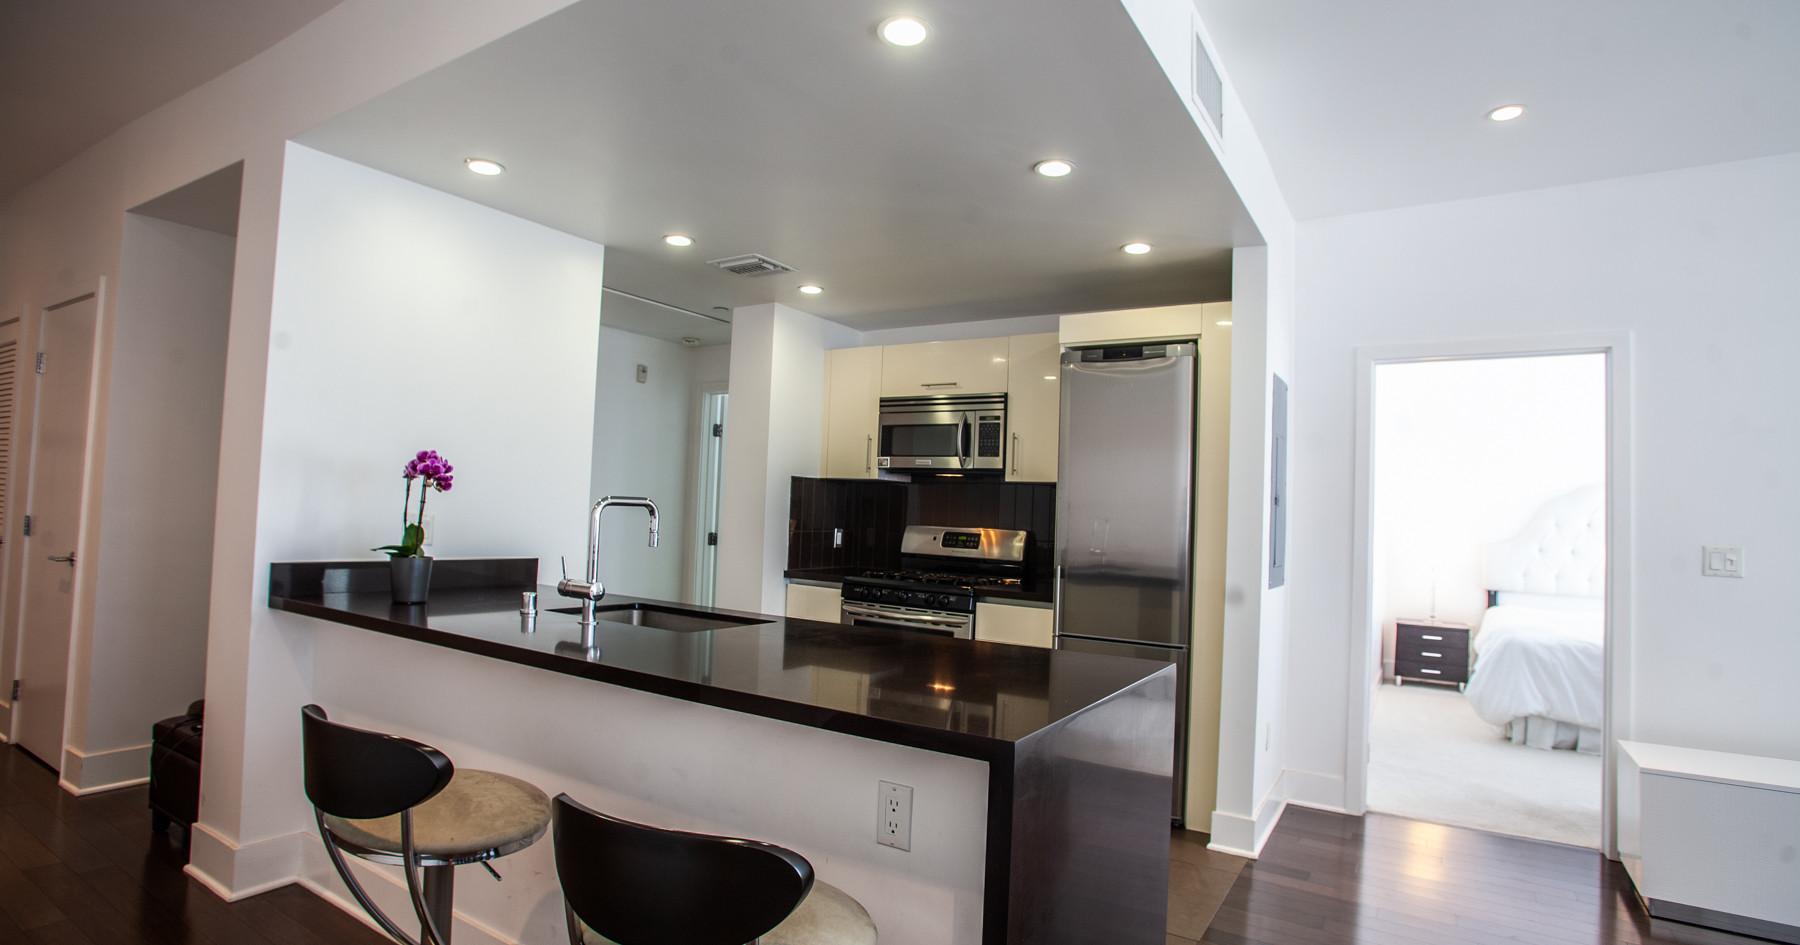 Sawtelle Condo Kitchen